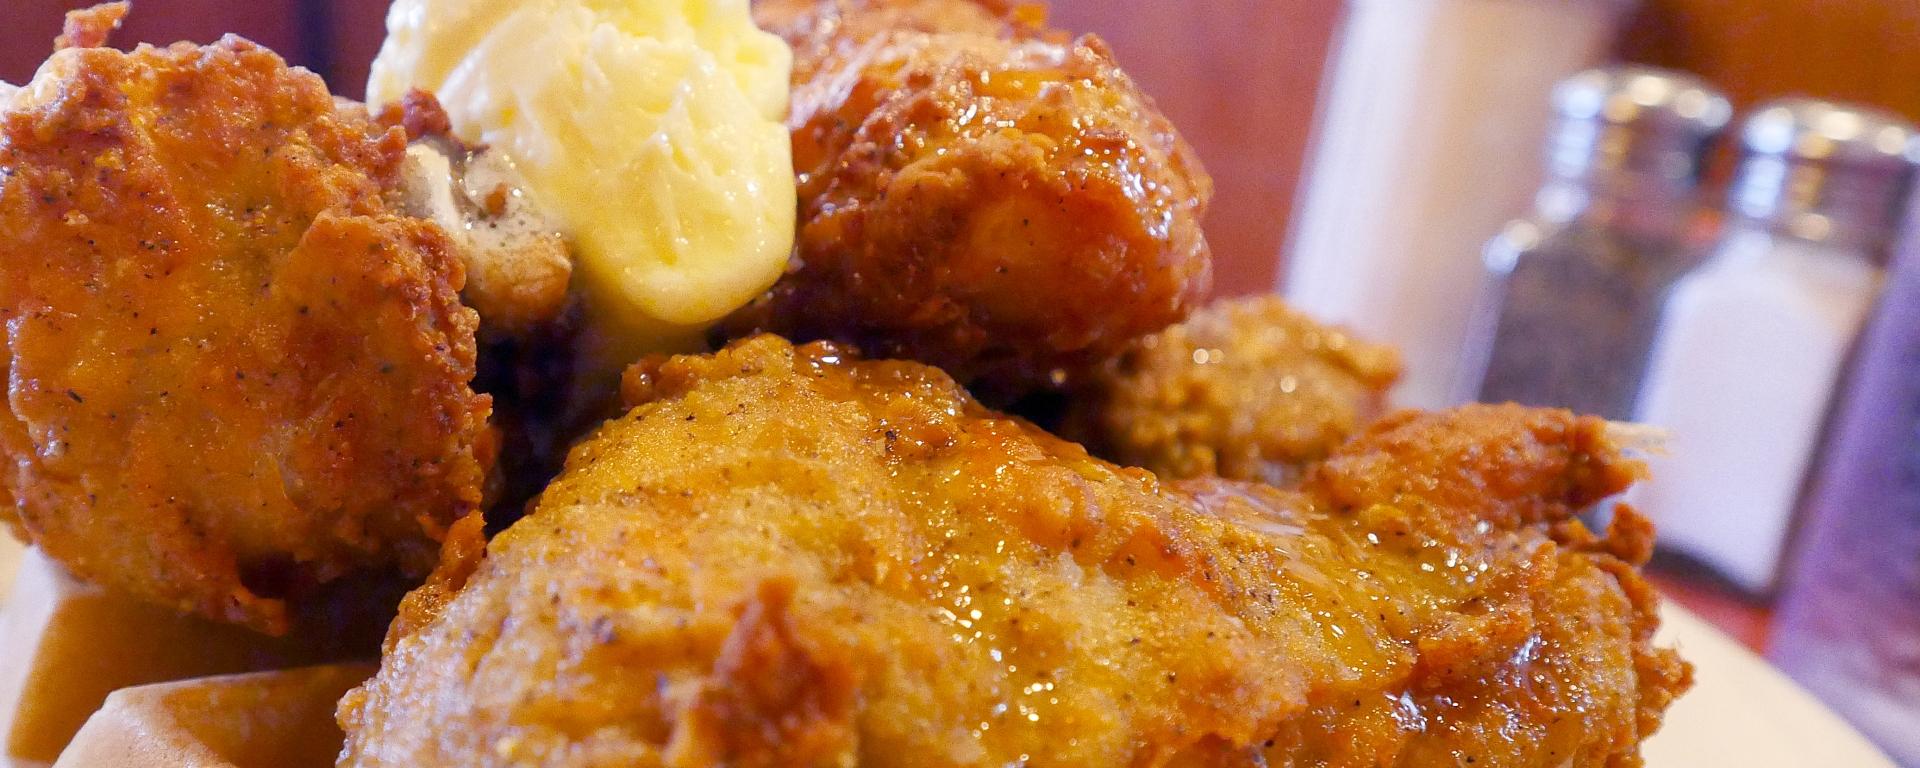 Chicken and Waffles at Bob's Big Boy